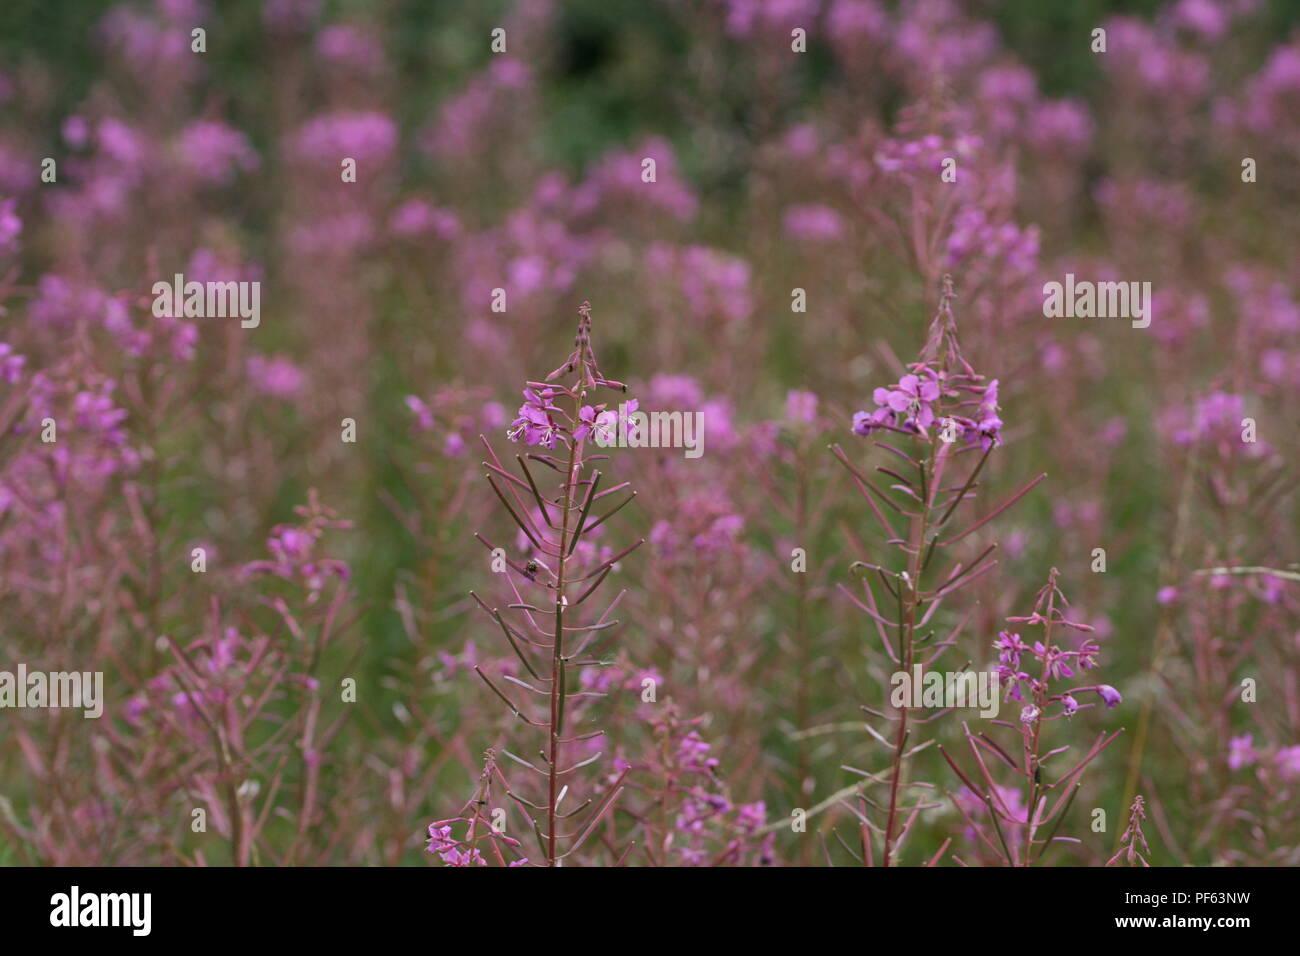 Rosebay Willowherb (Chamaenerion angustifolium) Stock Photo